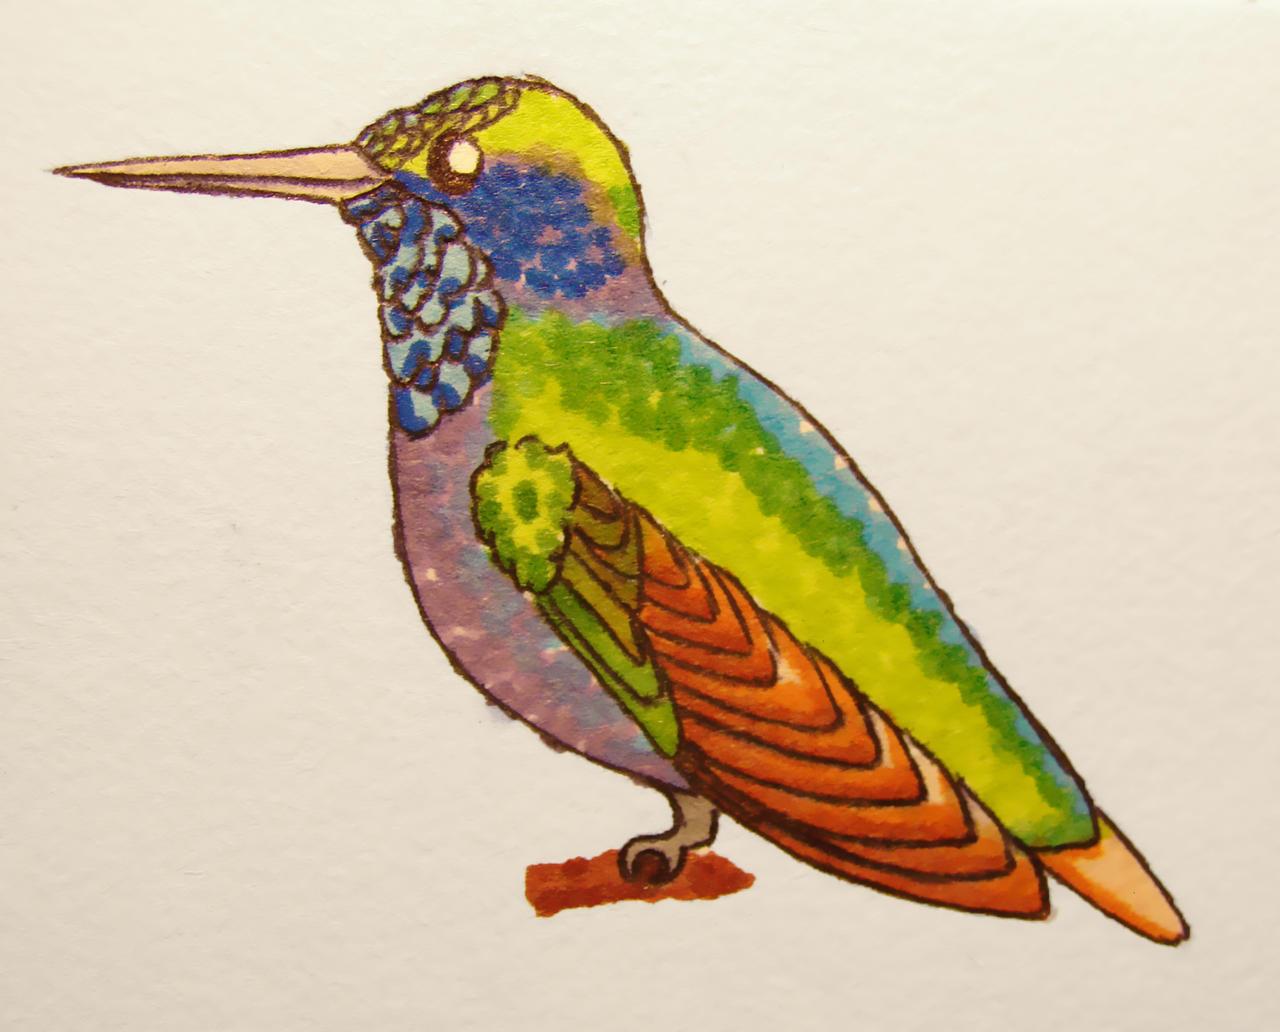 colorfull_hummingbird_by_kiaraslz_dd8e7ng-fullview.jpg?token=eyJ0eXAiOiJKV1QiLCJhbGciOiJIUzI1NiJ9.eyJzdWIiOiJ1cm46YXBwOjdlMGQxODg5ODIyNjQzNzNhNWYwZDQxNWVhMGQyNmUwIiwiaXNzIjoidXJuOmFwcDo3ZTBkMTg4OTgyMjY0MzczYTVmMGQ0MTVlYTBkMjZlMCIsIm9iaiI6W1t7ImhlaWdodCI6Ijw9MTAzMiIsInBhdGgiOiJcL2ZcL2U5ZDkzYWFmLTZkOGItNDdiZS04OTNkLWU5N2NiM2ViNDFiMFwvZGQ4ZTduZy0wZmVhZWZmMC0yNGVlLTQyNjQtOTYyZS1iZWZlYzY3NmE4MzAuanBnIiwid2lkdGgiOiI8PTEyODAifV1dLCJhdWQiOlsidXJuOnNlcnZpY2U6aW1hZ2Uub3BlcmF0aW9ucyJdfQ.bhlK9aVIC6MYfbpZNO_sWs4dTTlUZRrY1qVtp7TByHg